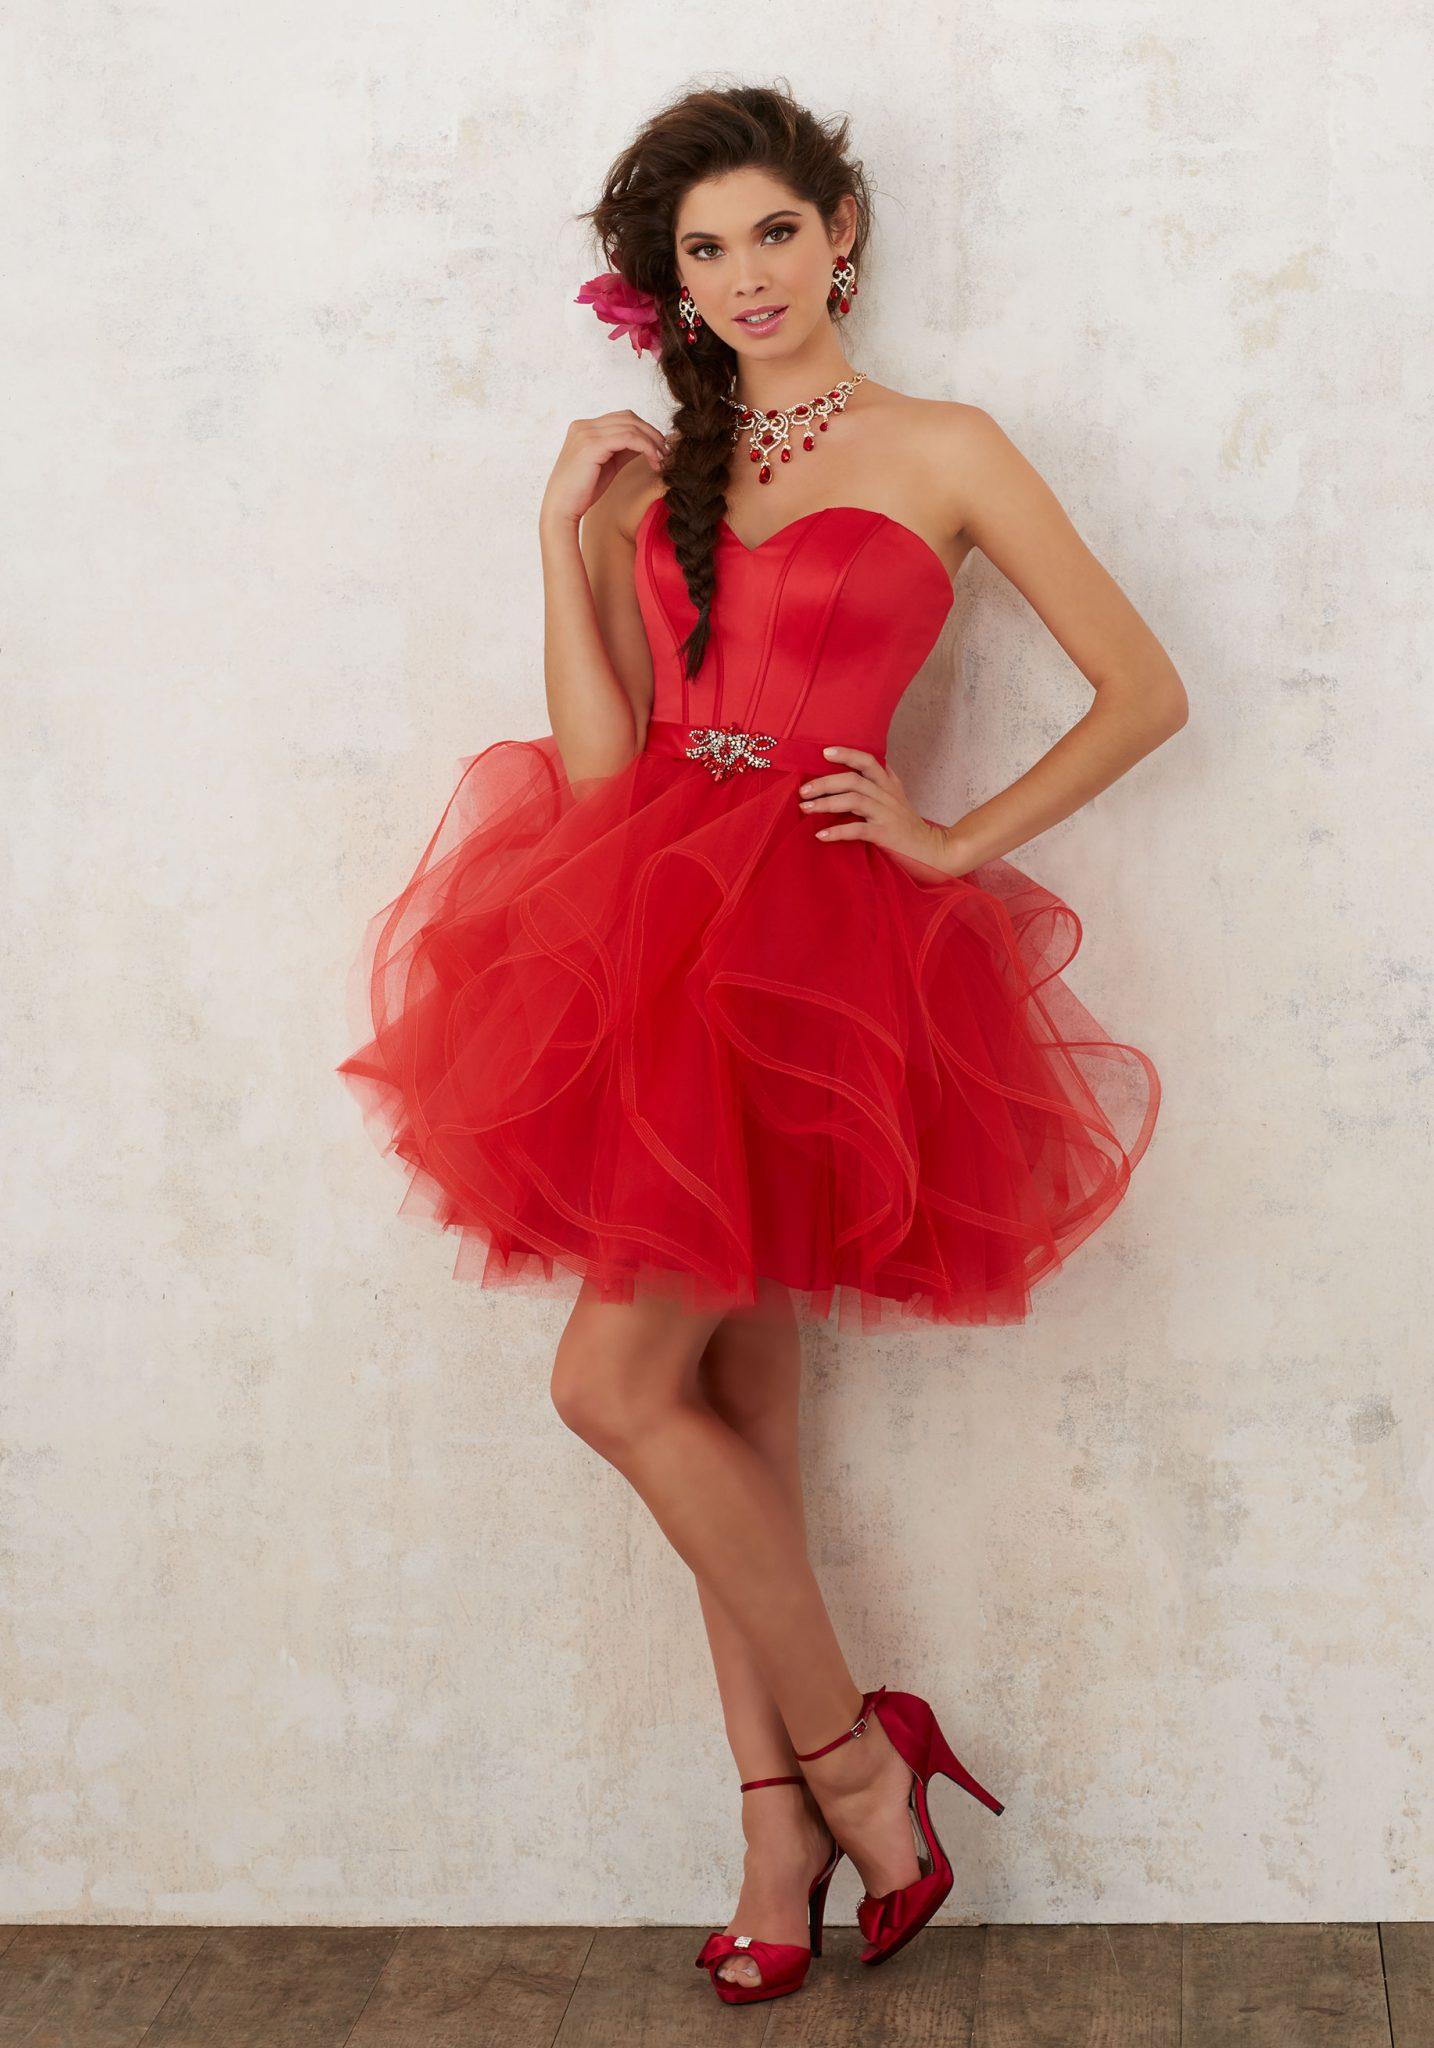 2020 Abiye Elbise Kısa Abiye Modelleri Kırmızı Straplez Kabarık Tül Etek Beli Kemerli